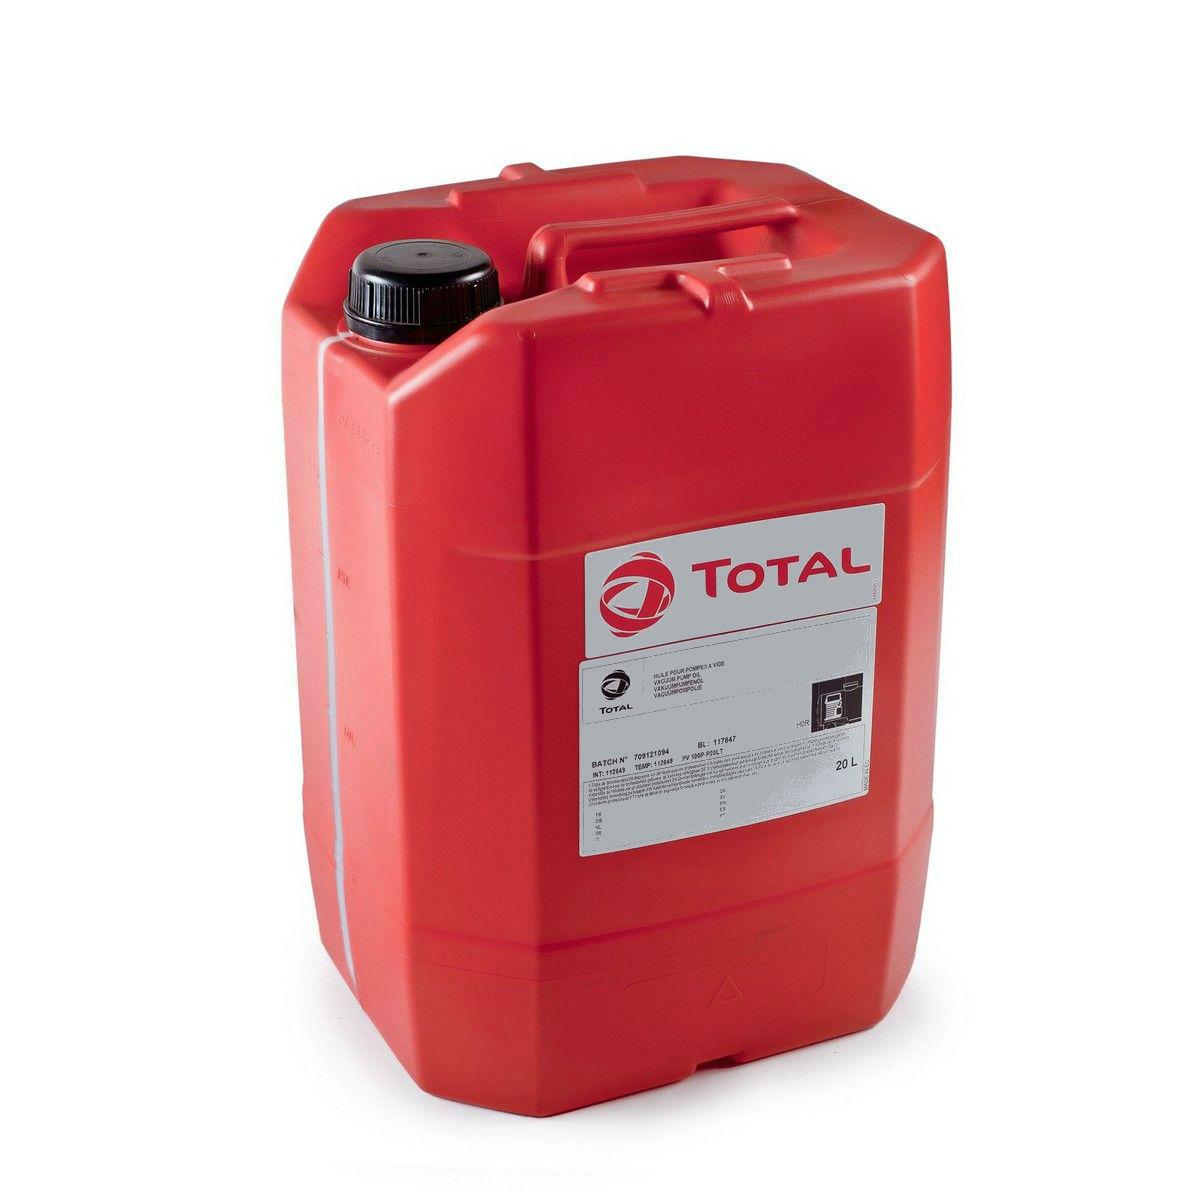 TOTAL RUBIA TIR 8600 10W-40 (20 л)